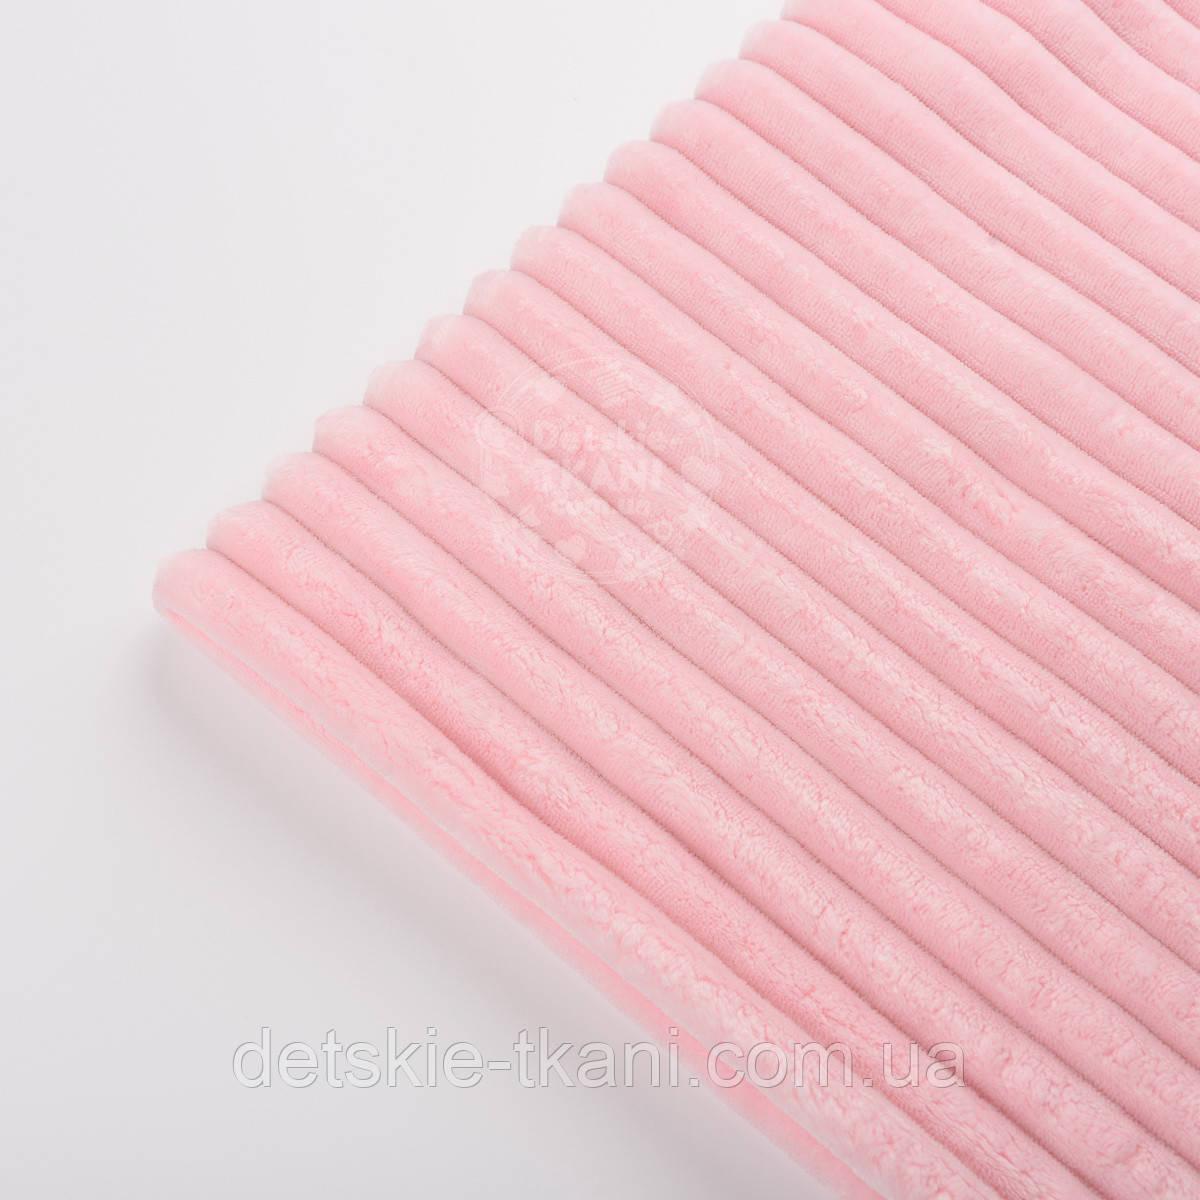 """Клаптик плюшу в смужку """"Stripes"""" світло-рожевого кольору, розмір 50 * 160 см"""